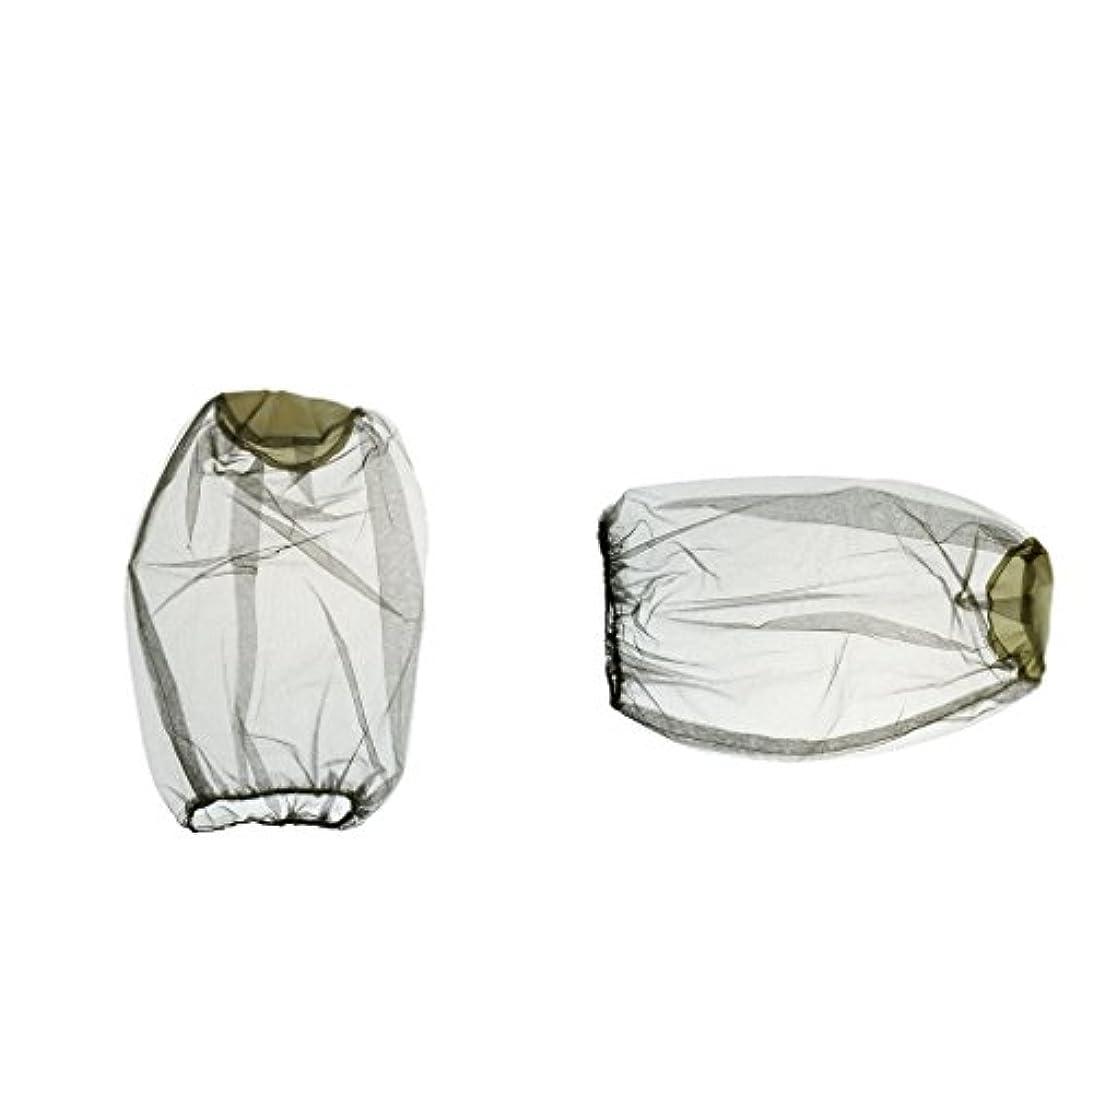 すべき宮殿コレクションBaoblaze 2個 蚊避け ビーバグ ヘッドネット メッシュマスクハット 蜂カバー